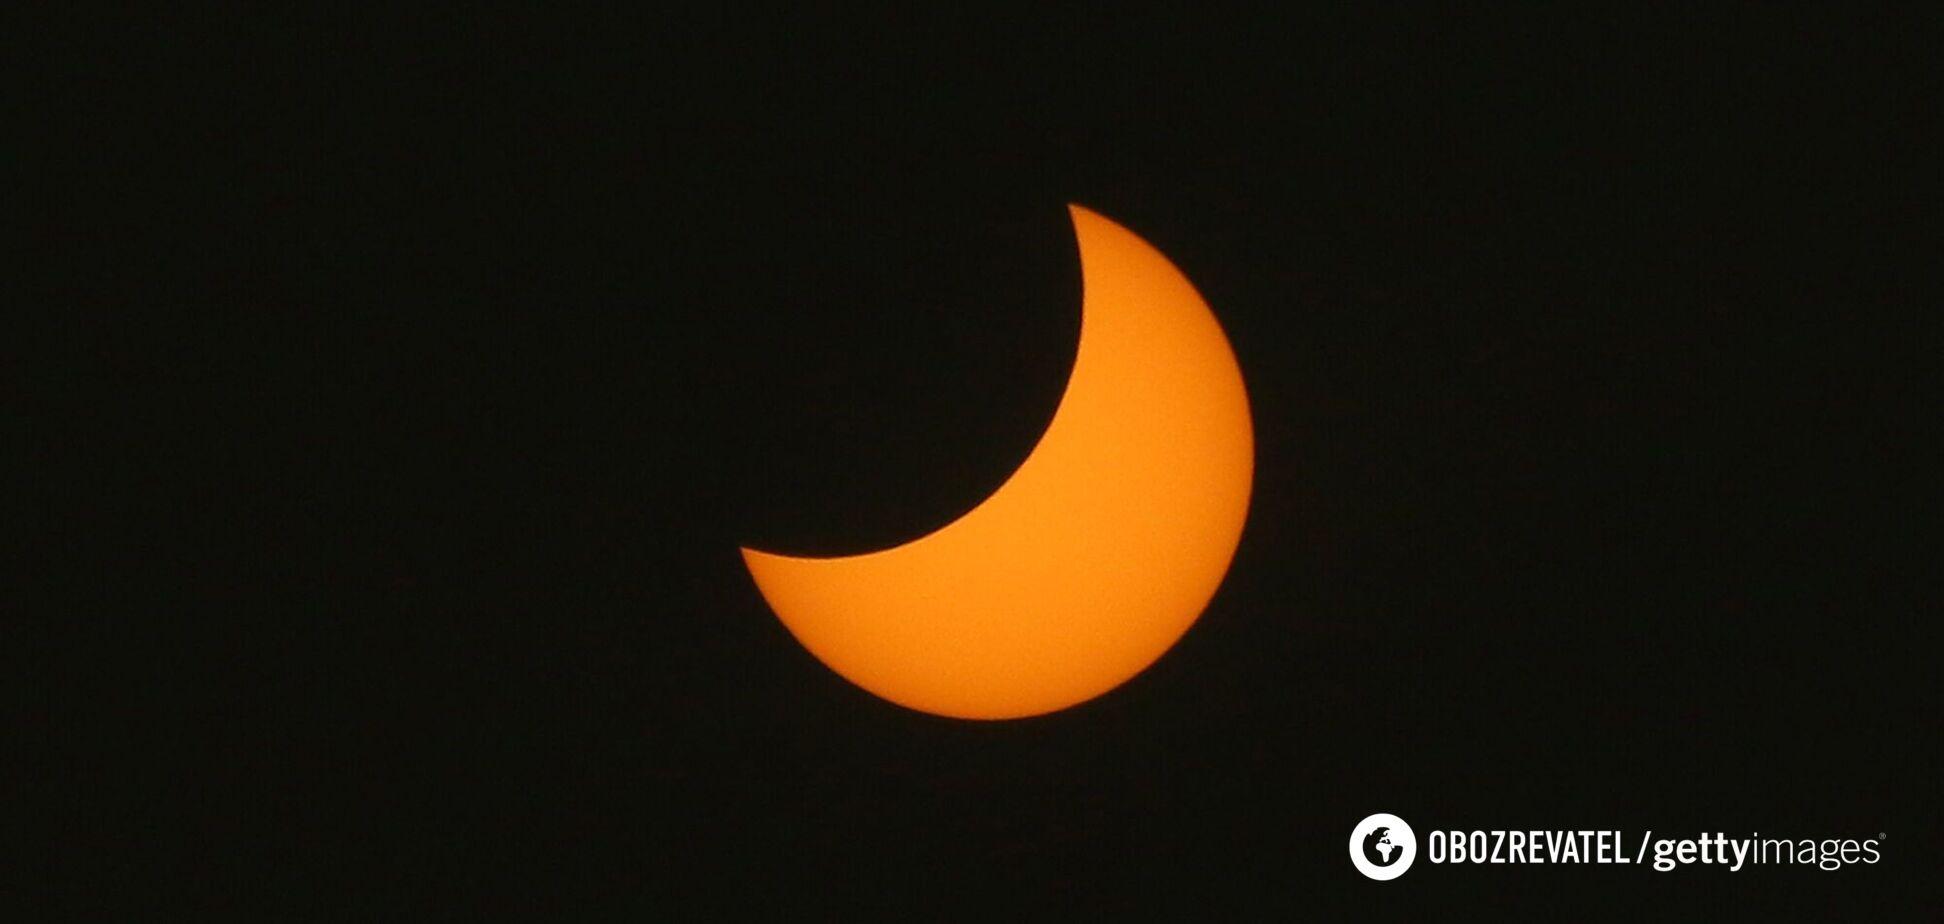 Українці цього літа зможуть побачити незвичайне сонячне затемнення